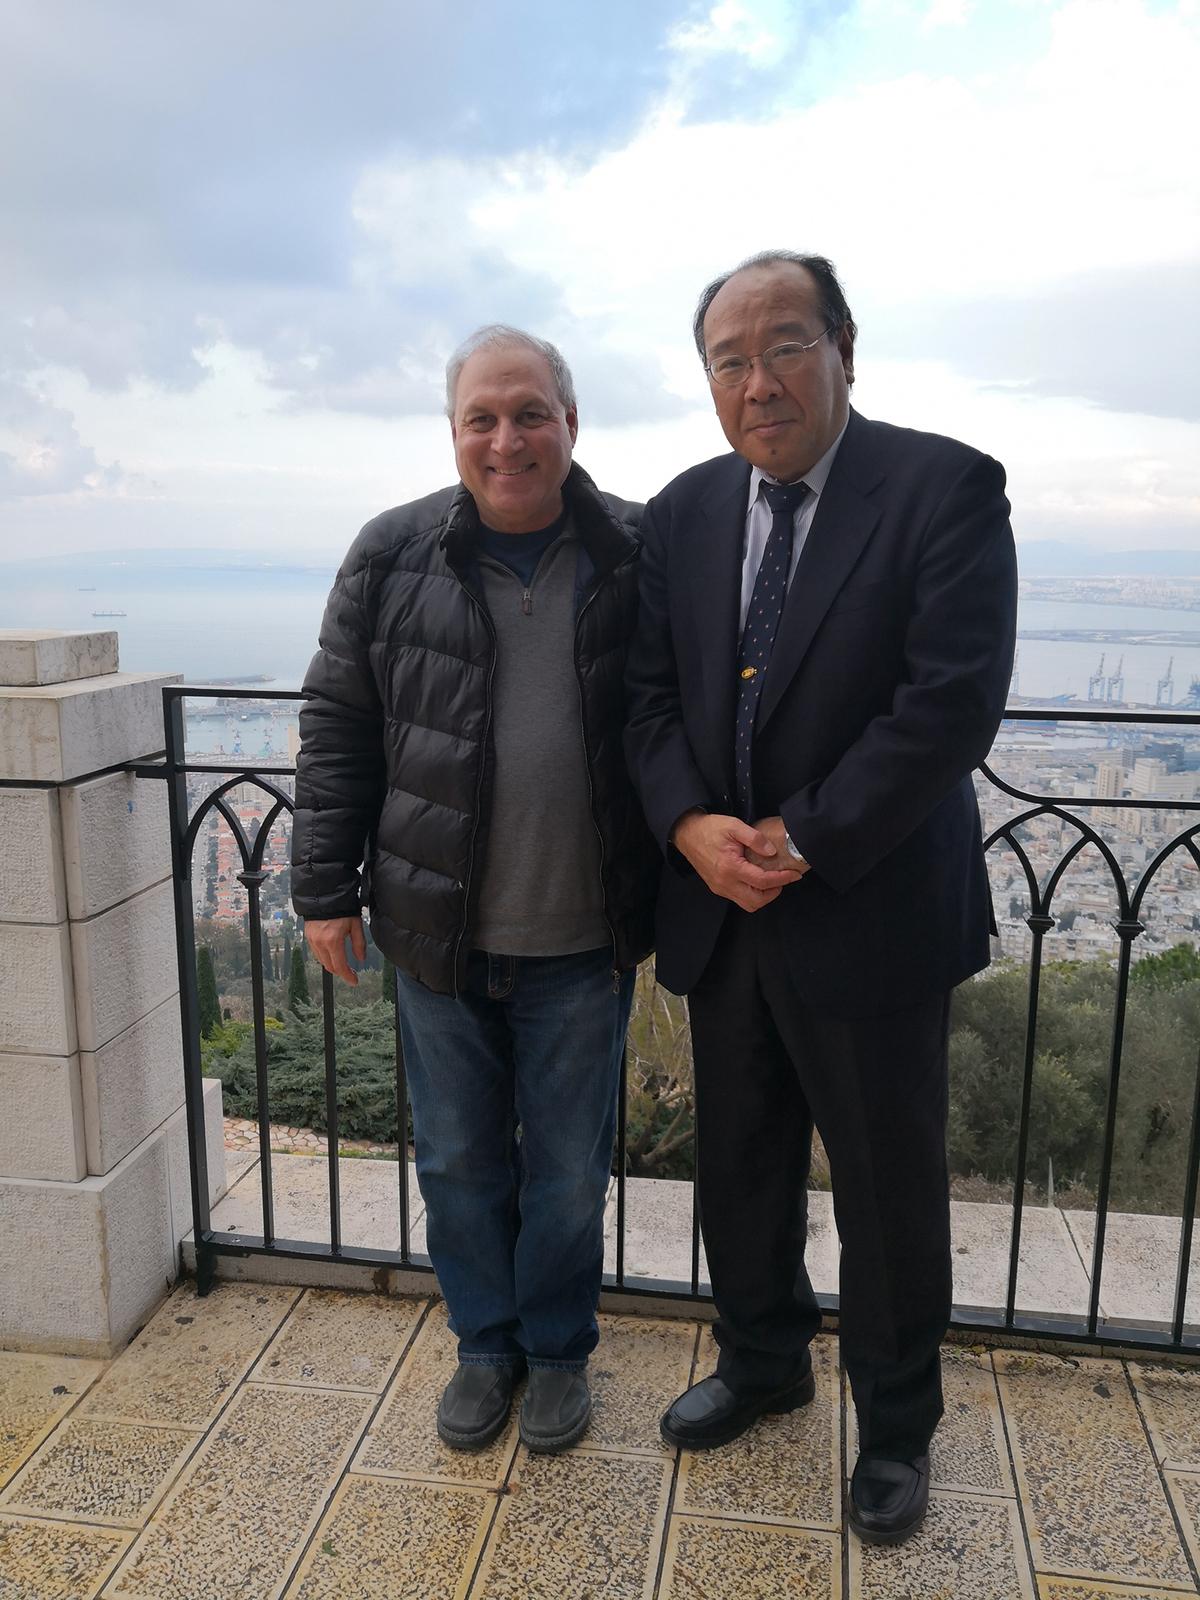 Prof. Dr. Masashi Watanabe and Prof. Yaron Har-Shai in Haifa, Israel, February 2019